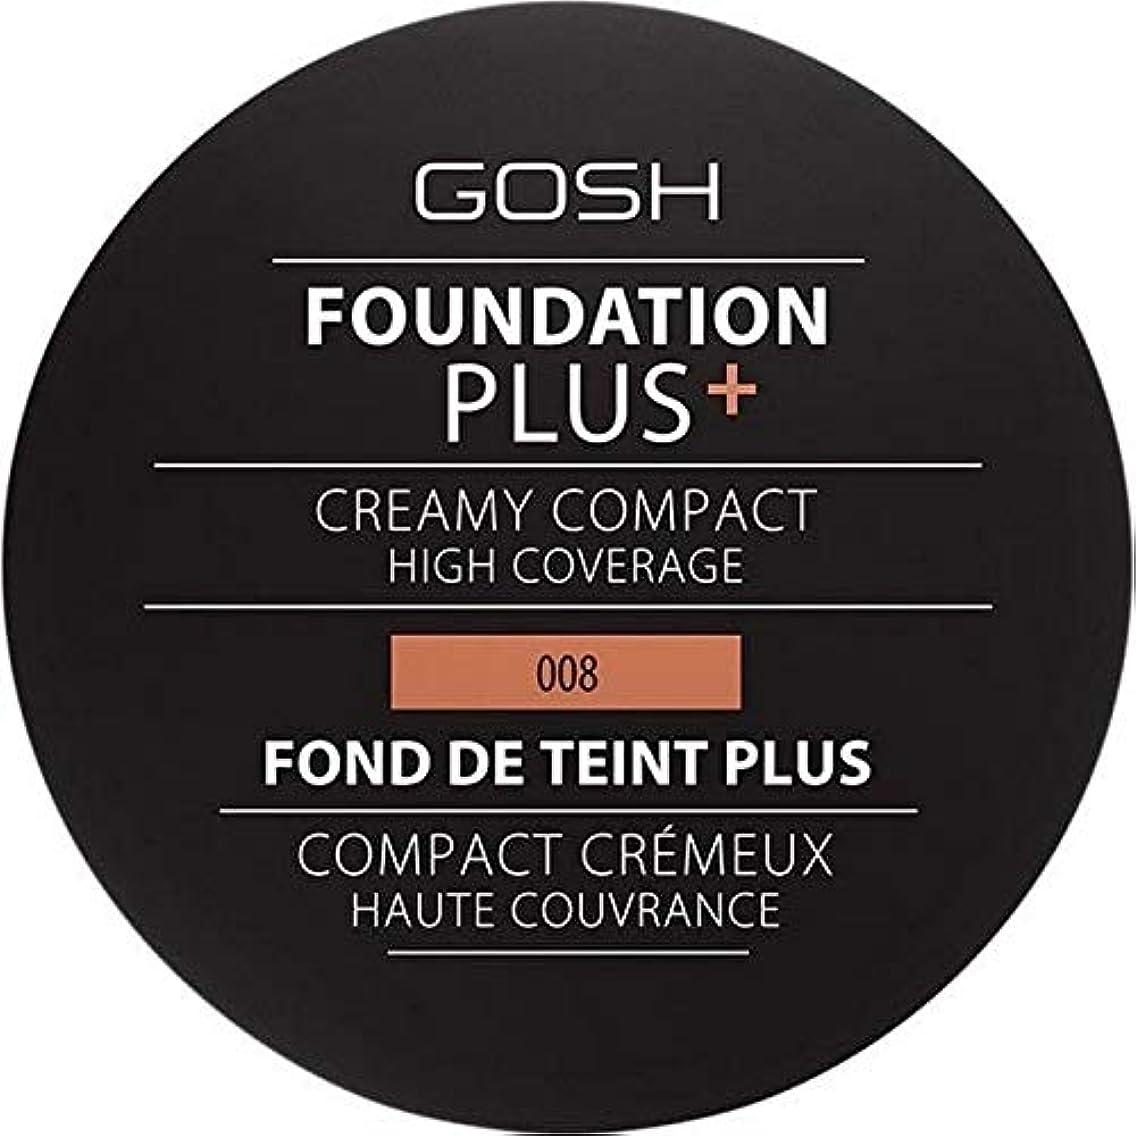 コーンウォール件名色[GOSH ] おやっ基盤プラス008 +クリーミーコンパクト黄金 - Gosh Foundation Plus+ Creamy Compact Golden 008 [並行輸入品]